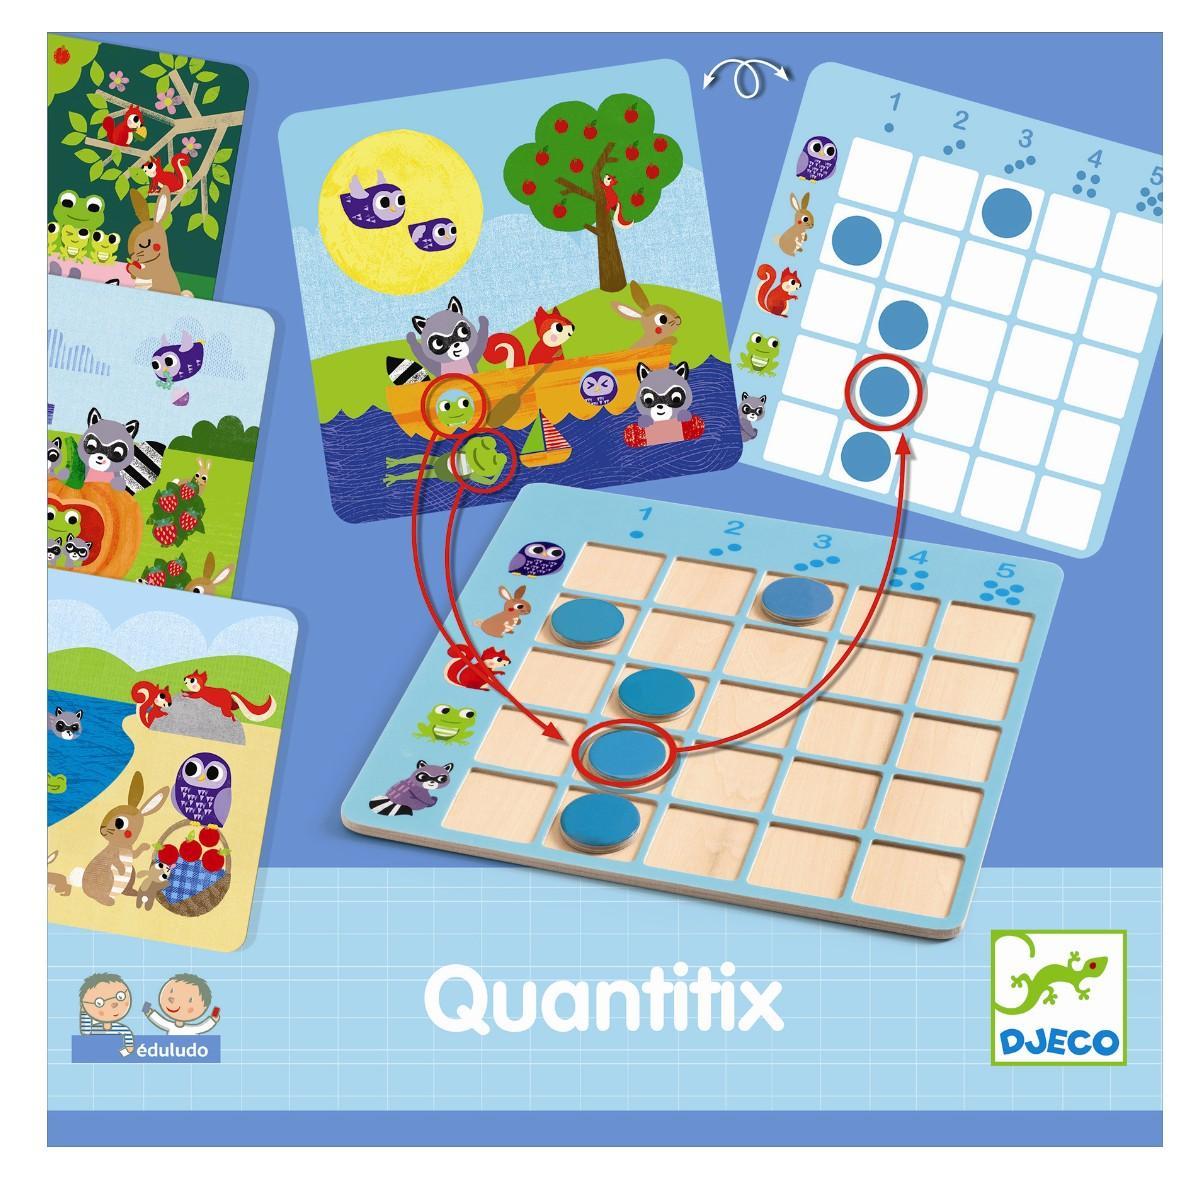 Eduludo - Quantitix